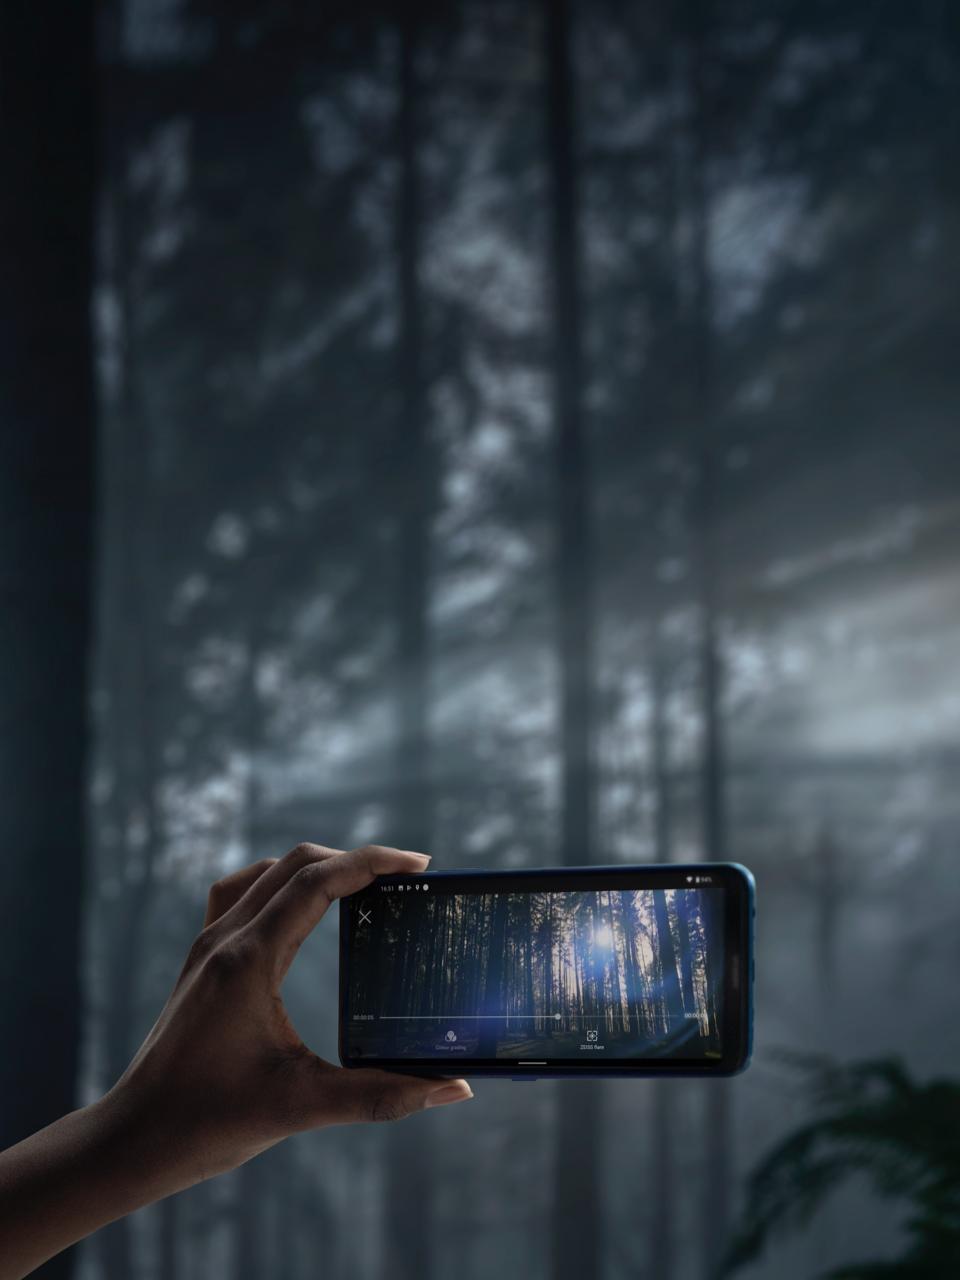 Nokia 8 3 5g Smartphone With 64mp Quad Camera